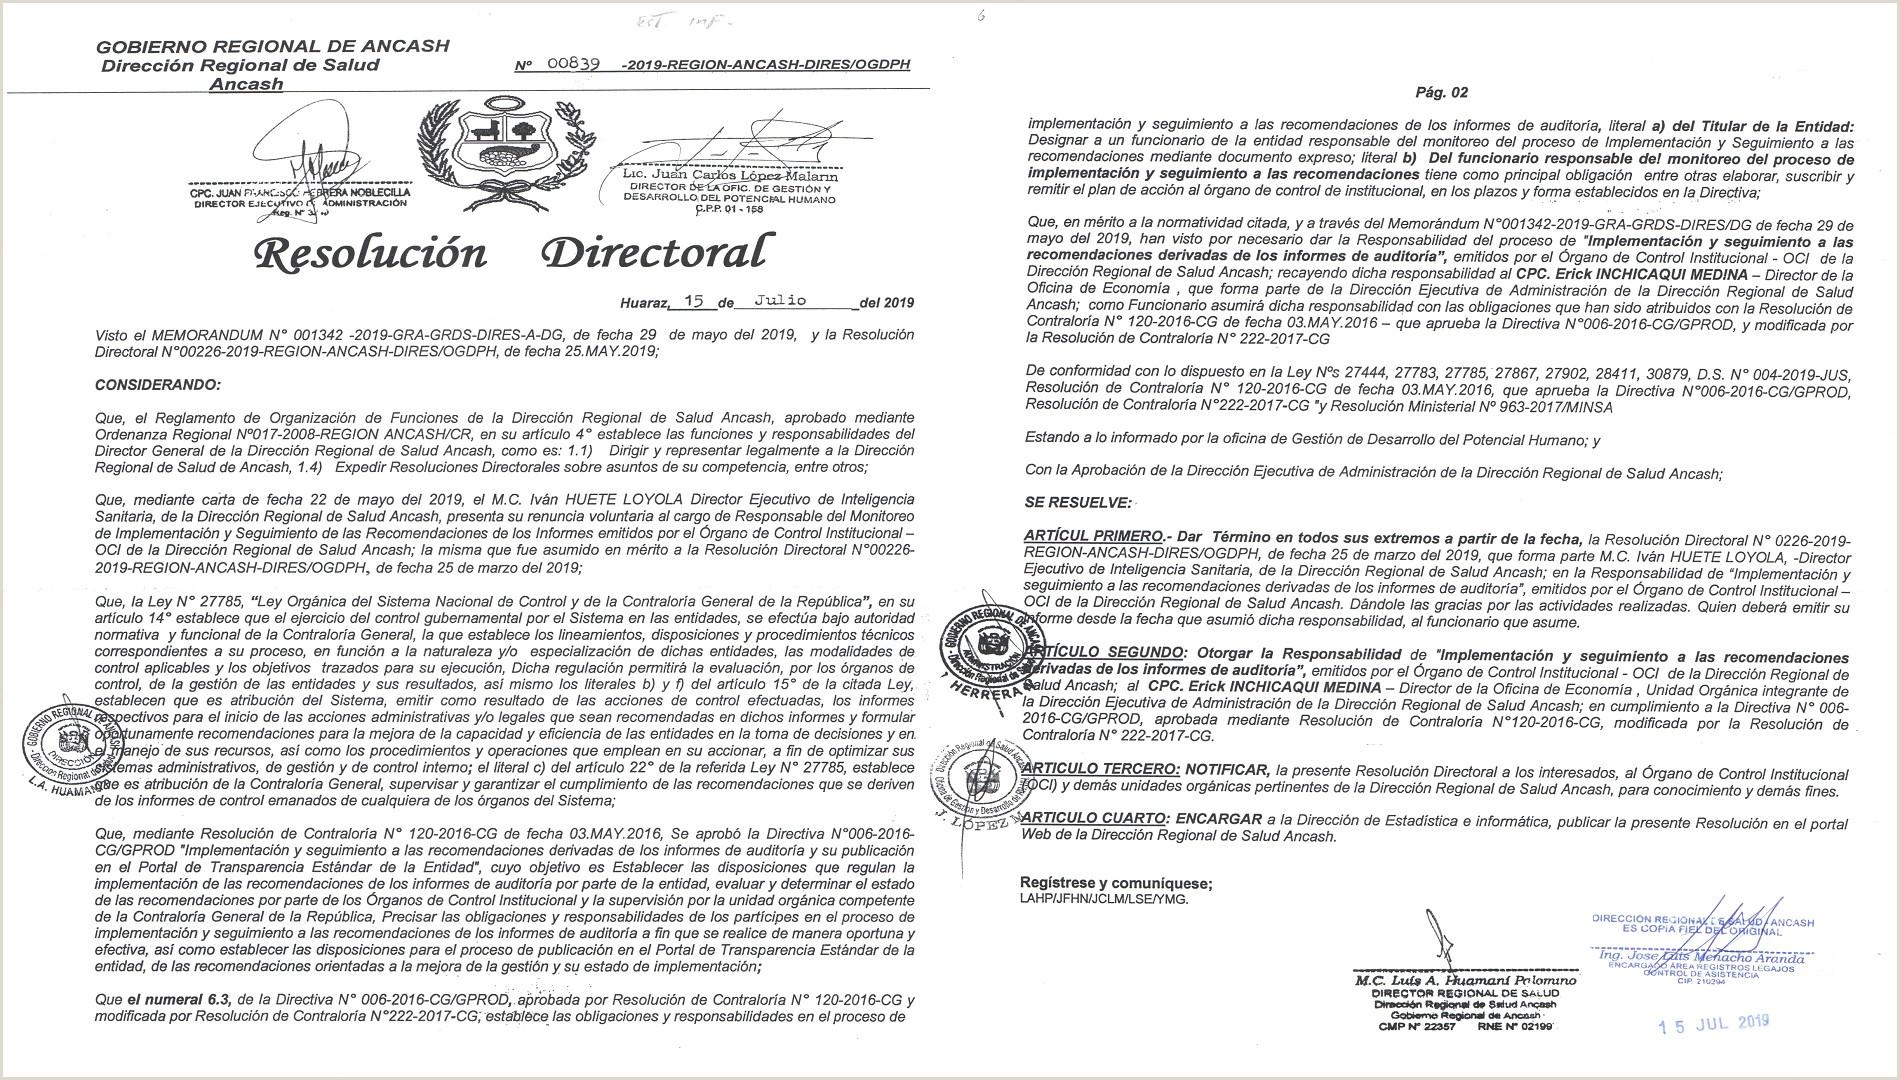 Formato De Hoja De Vida Servicios Generales Direcci³n Regional De Salud Ancash